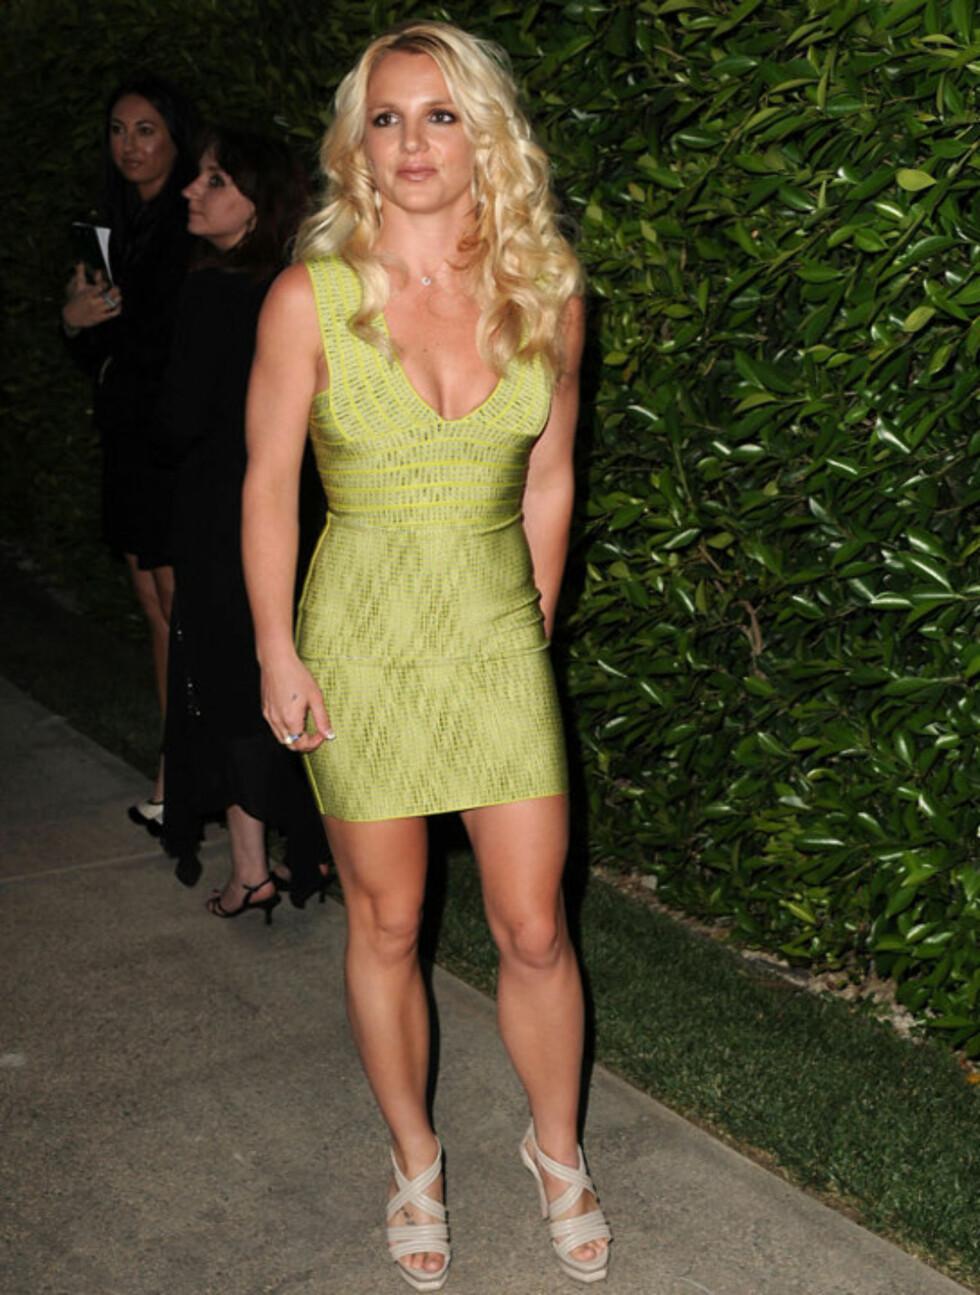 <strong>HEIT:</strong> Britney Spears poserte villig i sin kroppsnære kjole under veldedighetsfesten tidligere denne uken. Foto: All Over Press